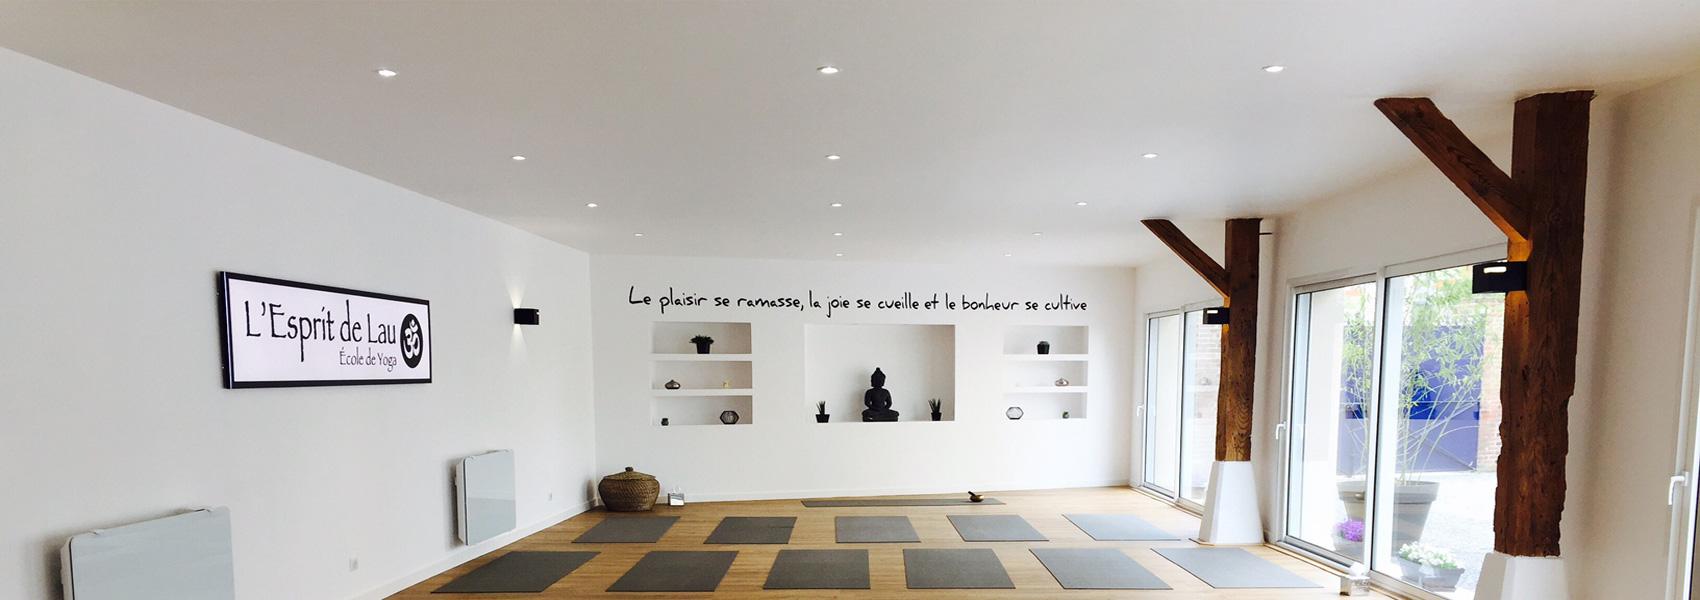 Salle de Yoga à Sens